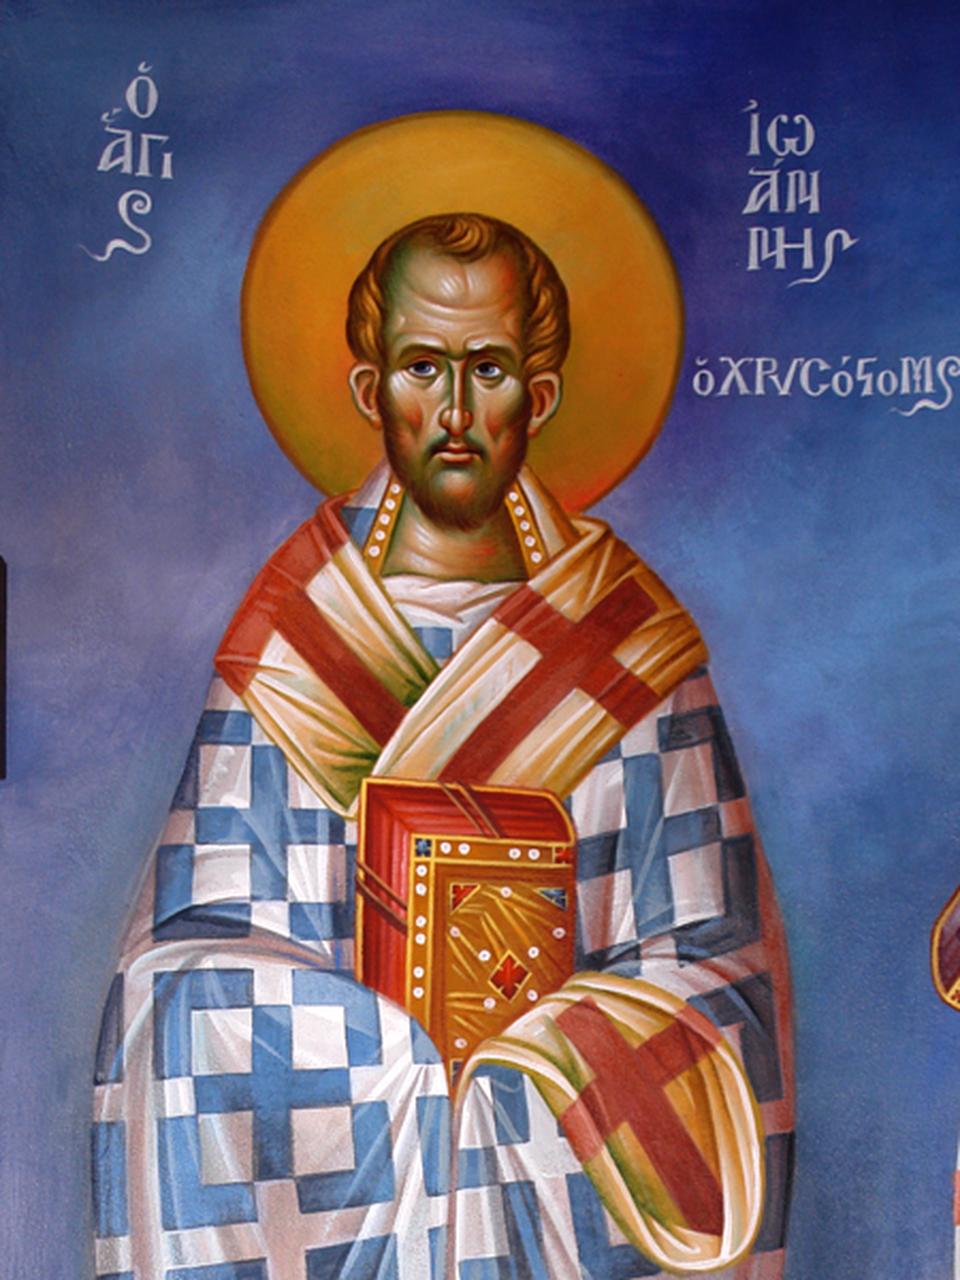 Life of St. John Chrysostom – St. John Chrysostom Church